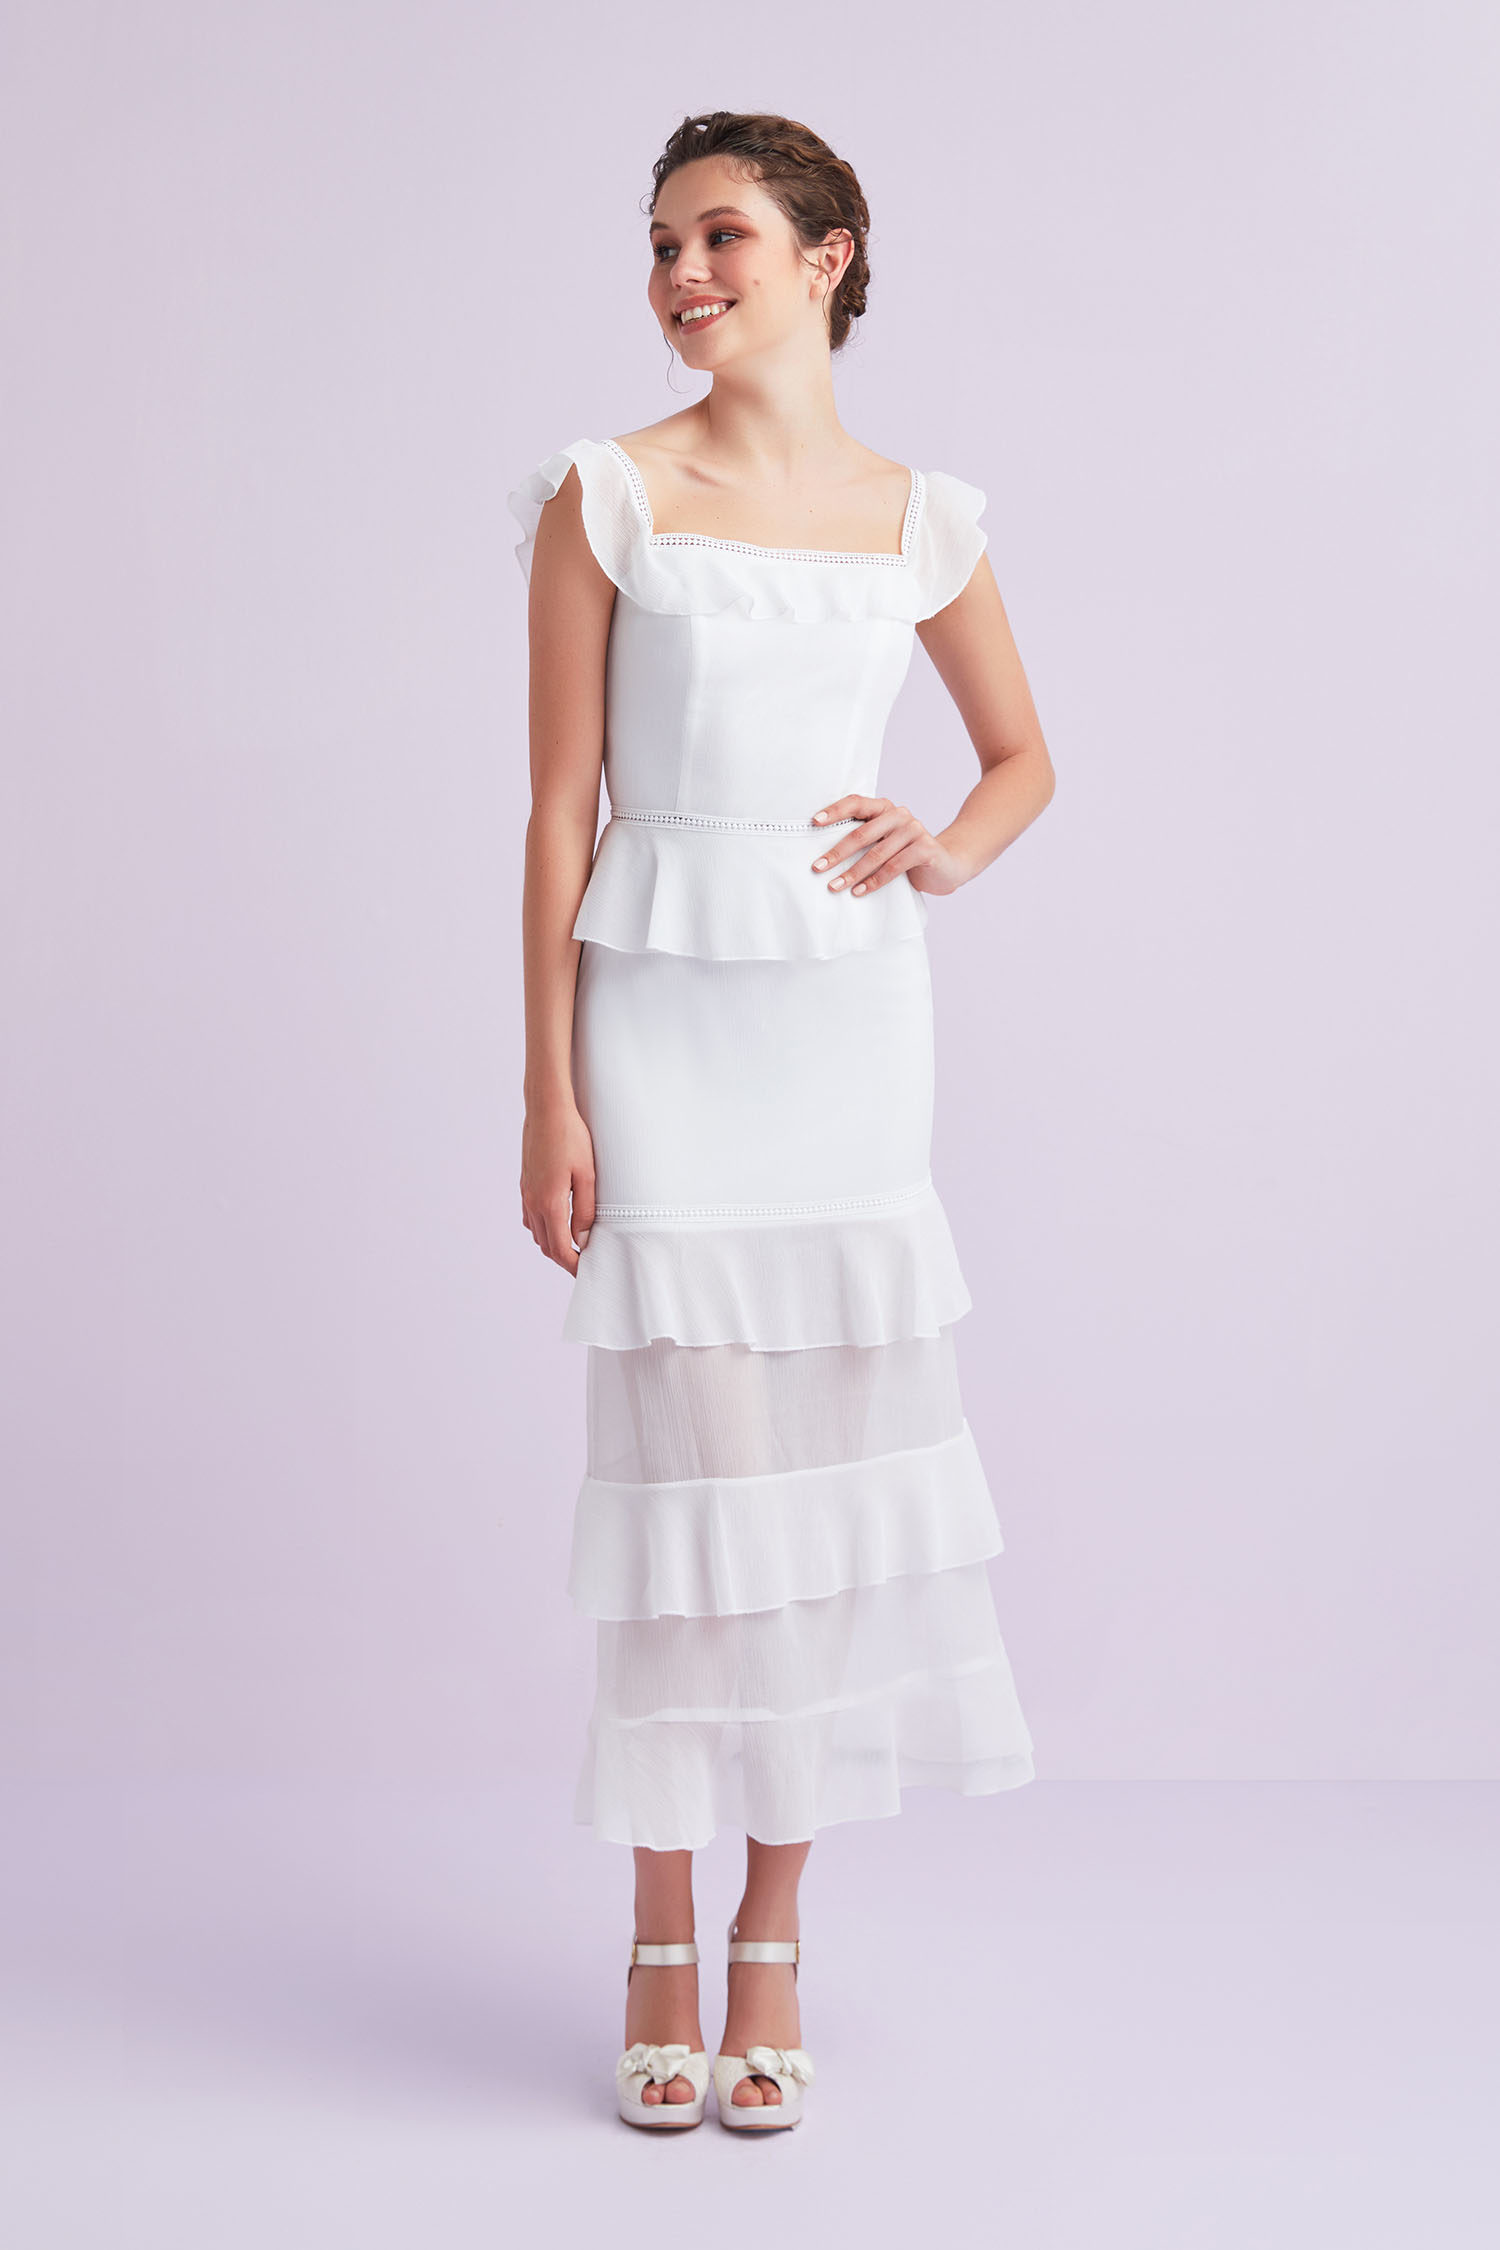 Beyaz Kayık Yaka Şifon Uzun Büyük Beden Nikah Elbisesi - Thumbnail